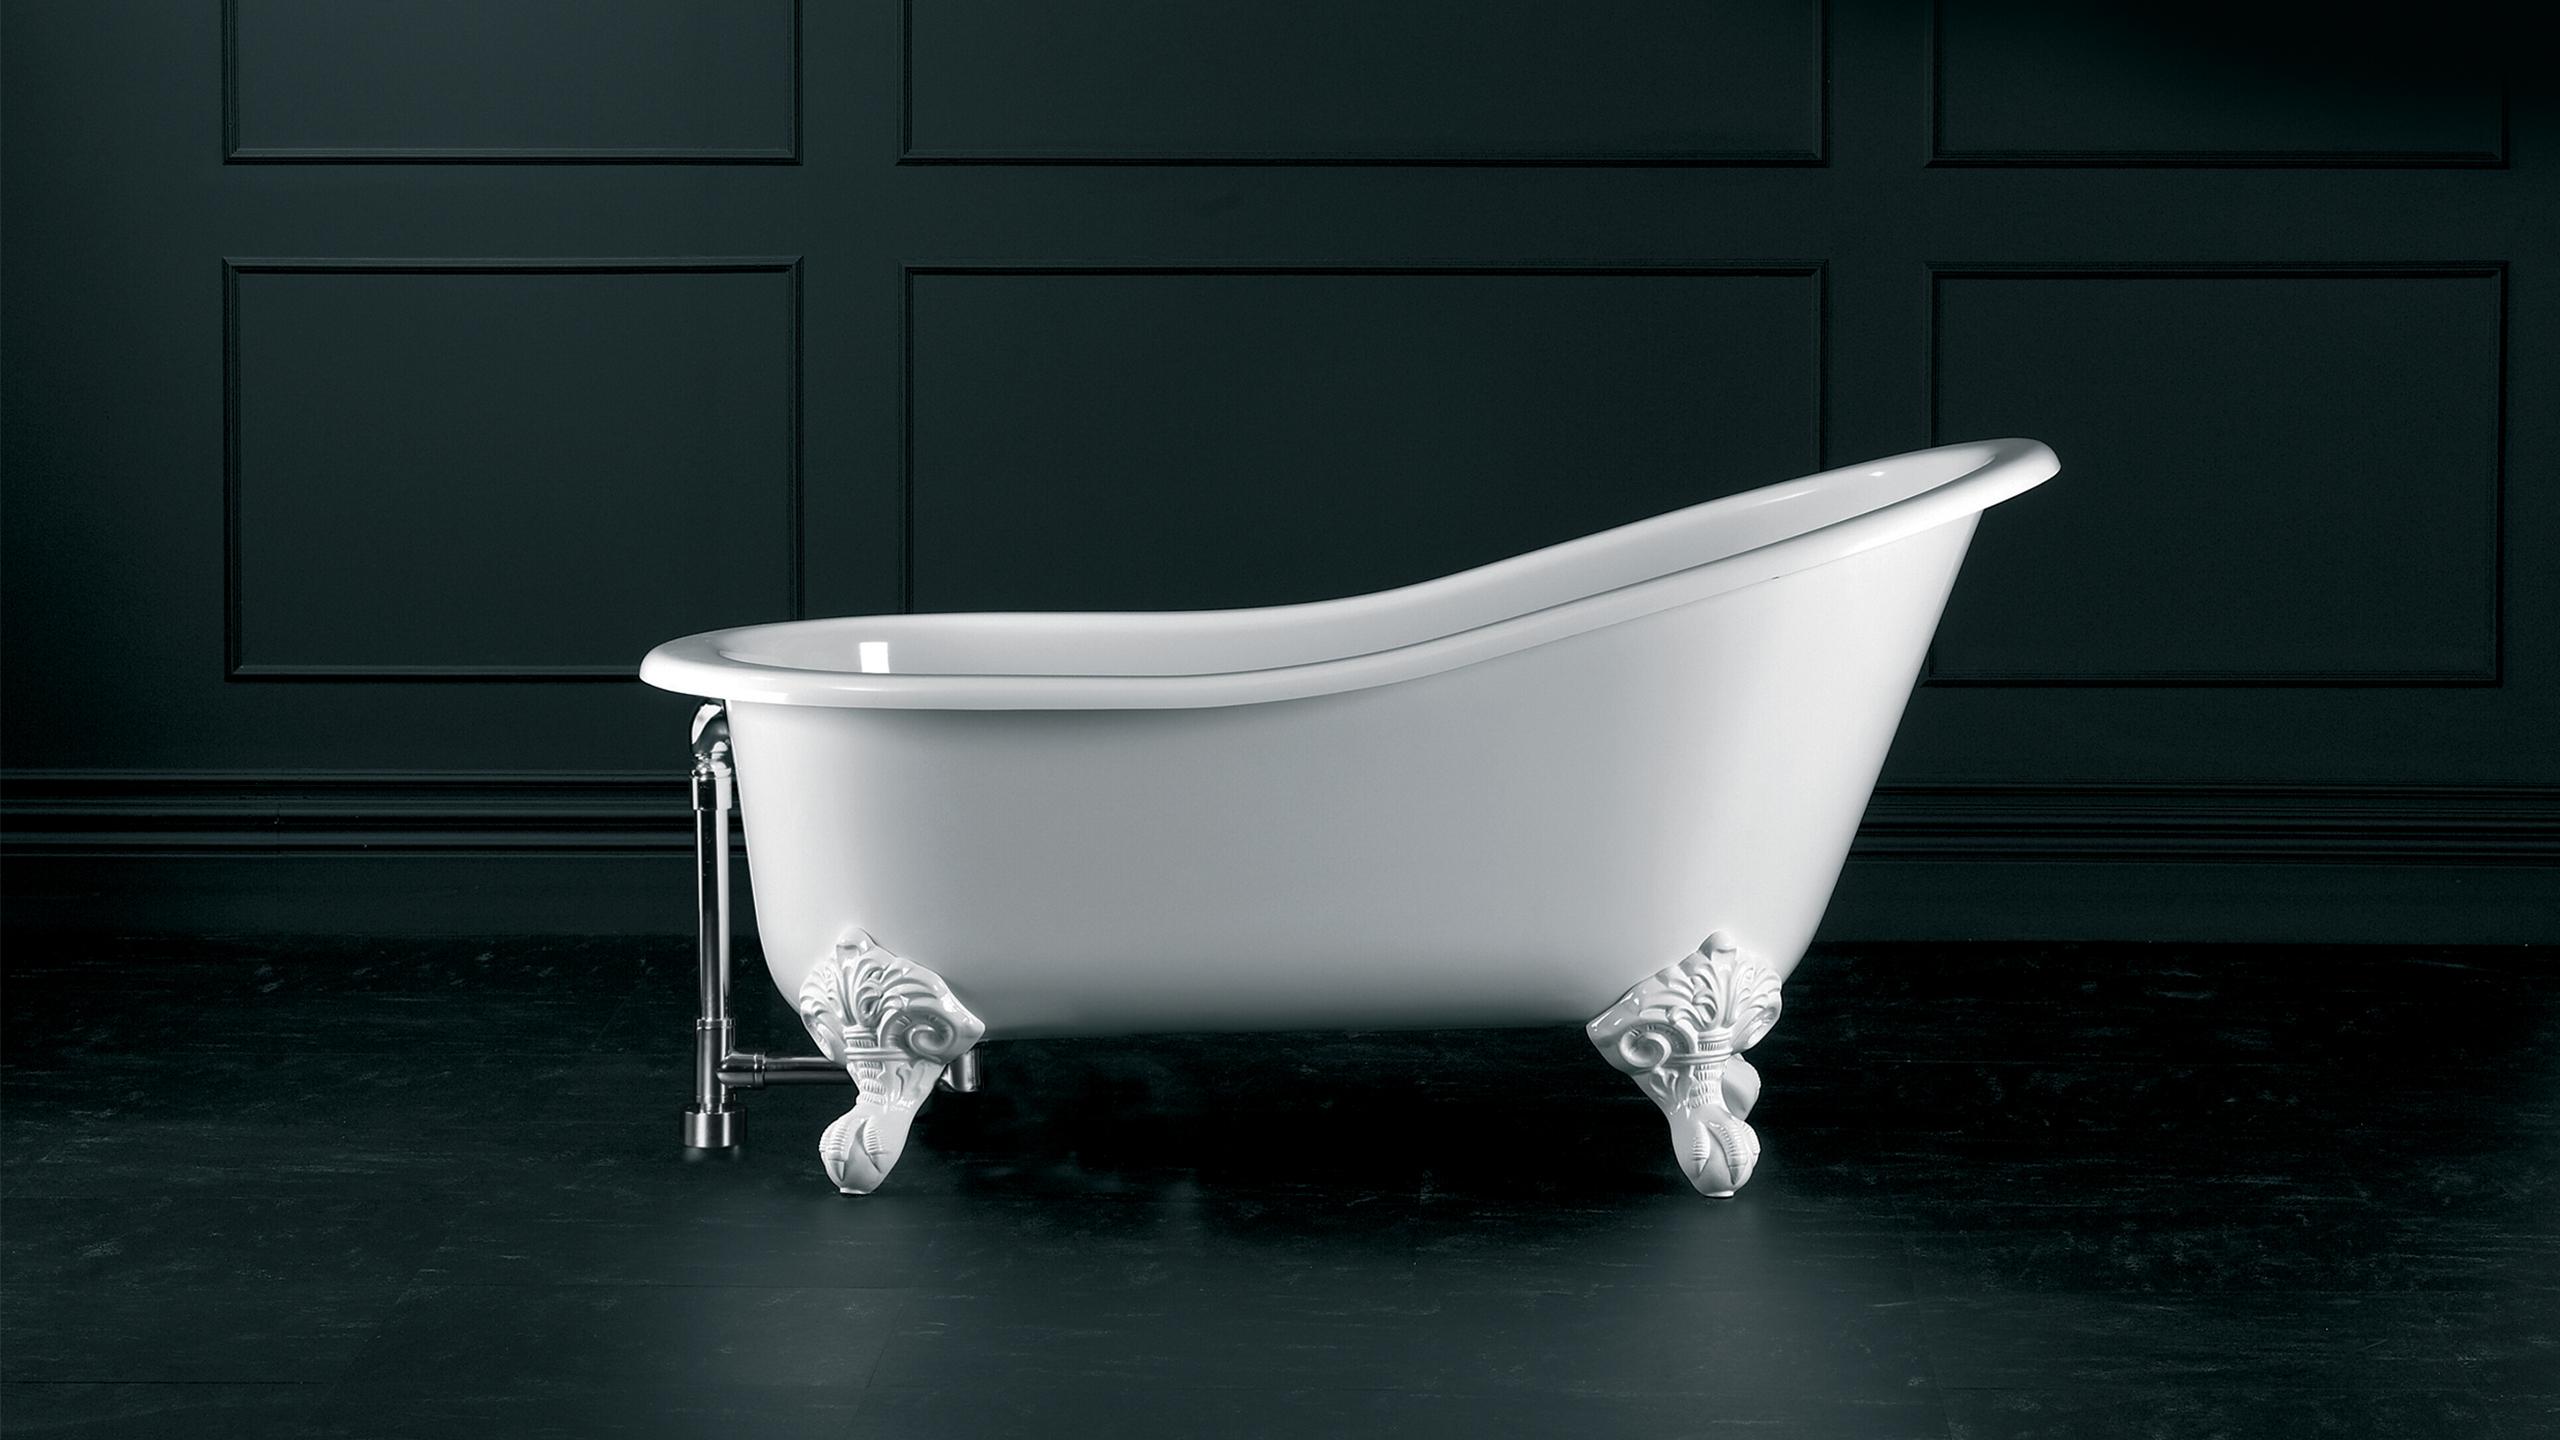 Vasca Da Bagno Napoli : Vasca rubinetto erogatore rubinetto vasca da bagno rubinetto